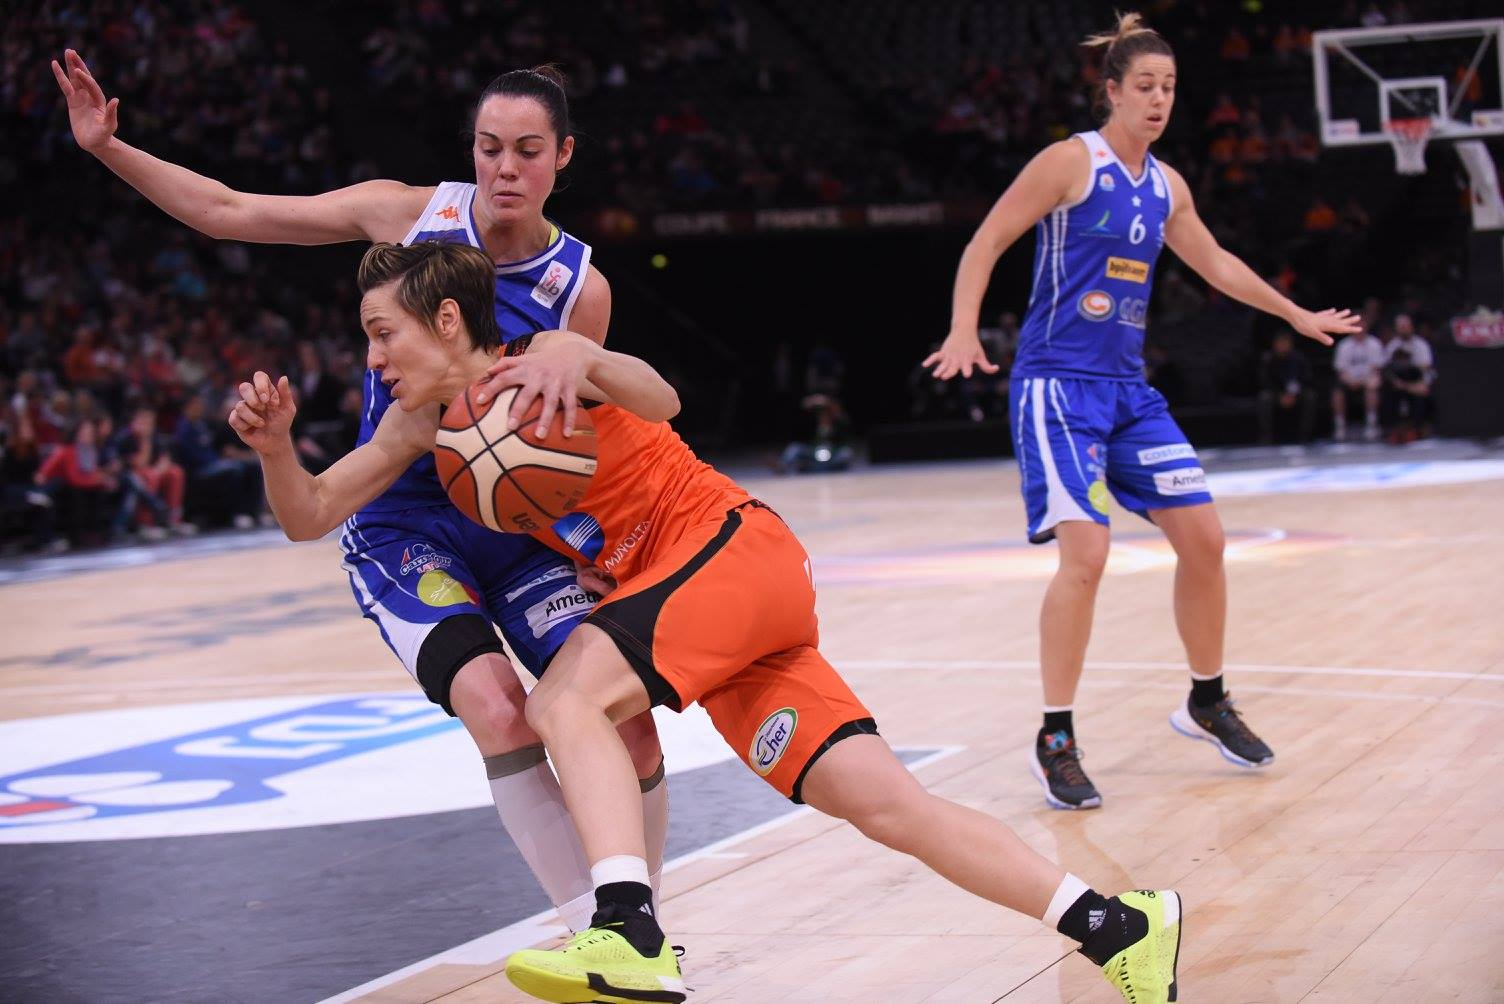 Finale coupe de france f minine 2016 lattes montpellier bourges basket ffbb - Basket feminin coupe de france ...